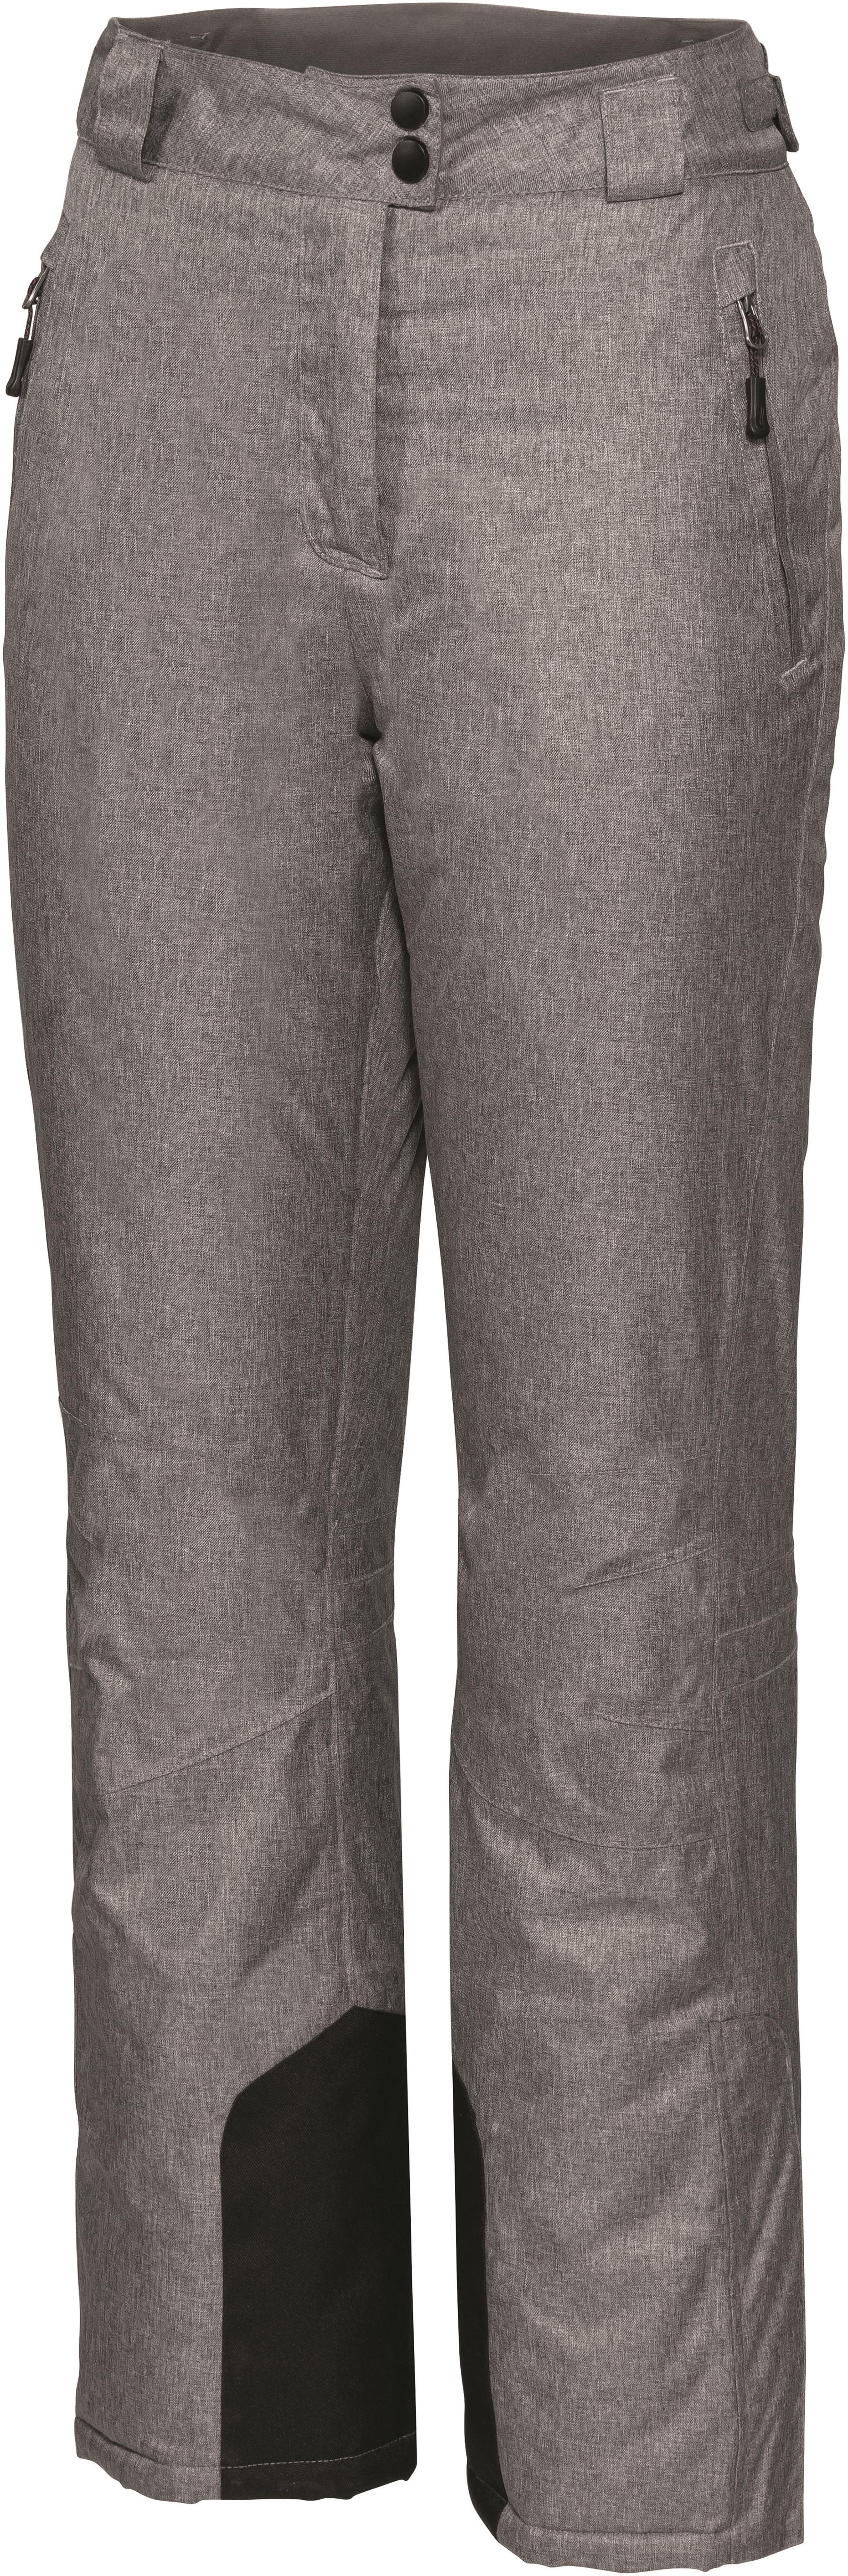 Ladies' Ski Trousers £16.99 (1).JPG